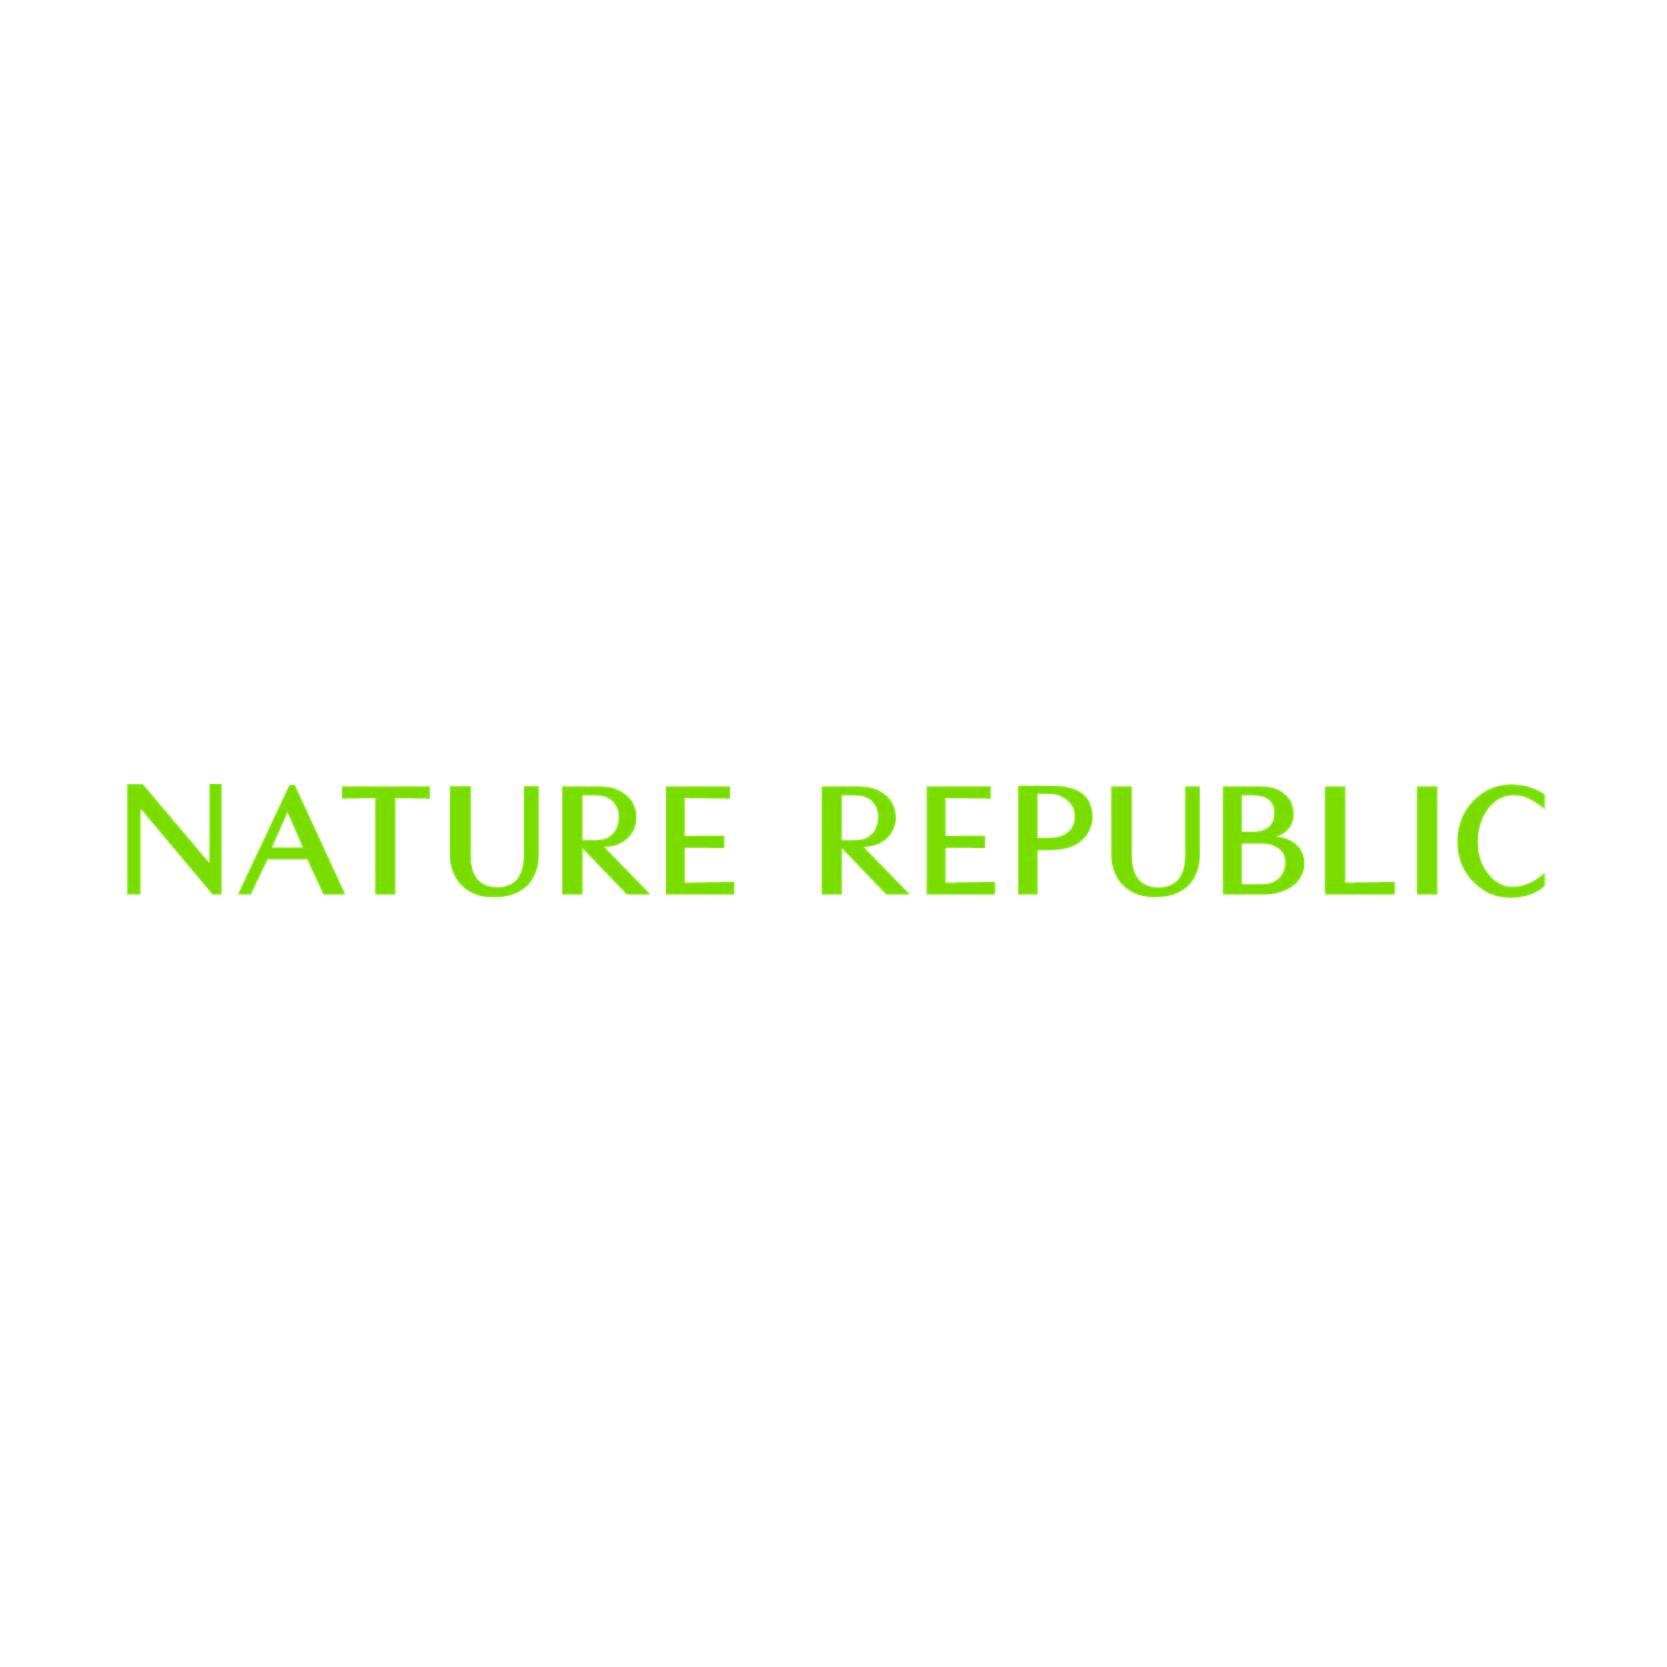 NATUER REPUBLIC